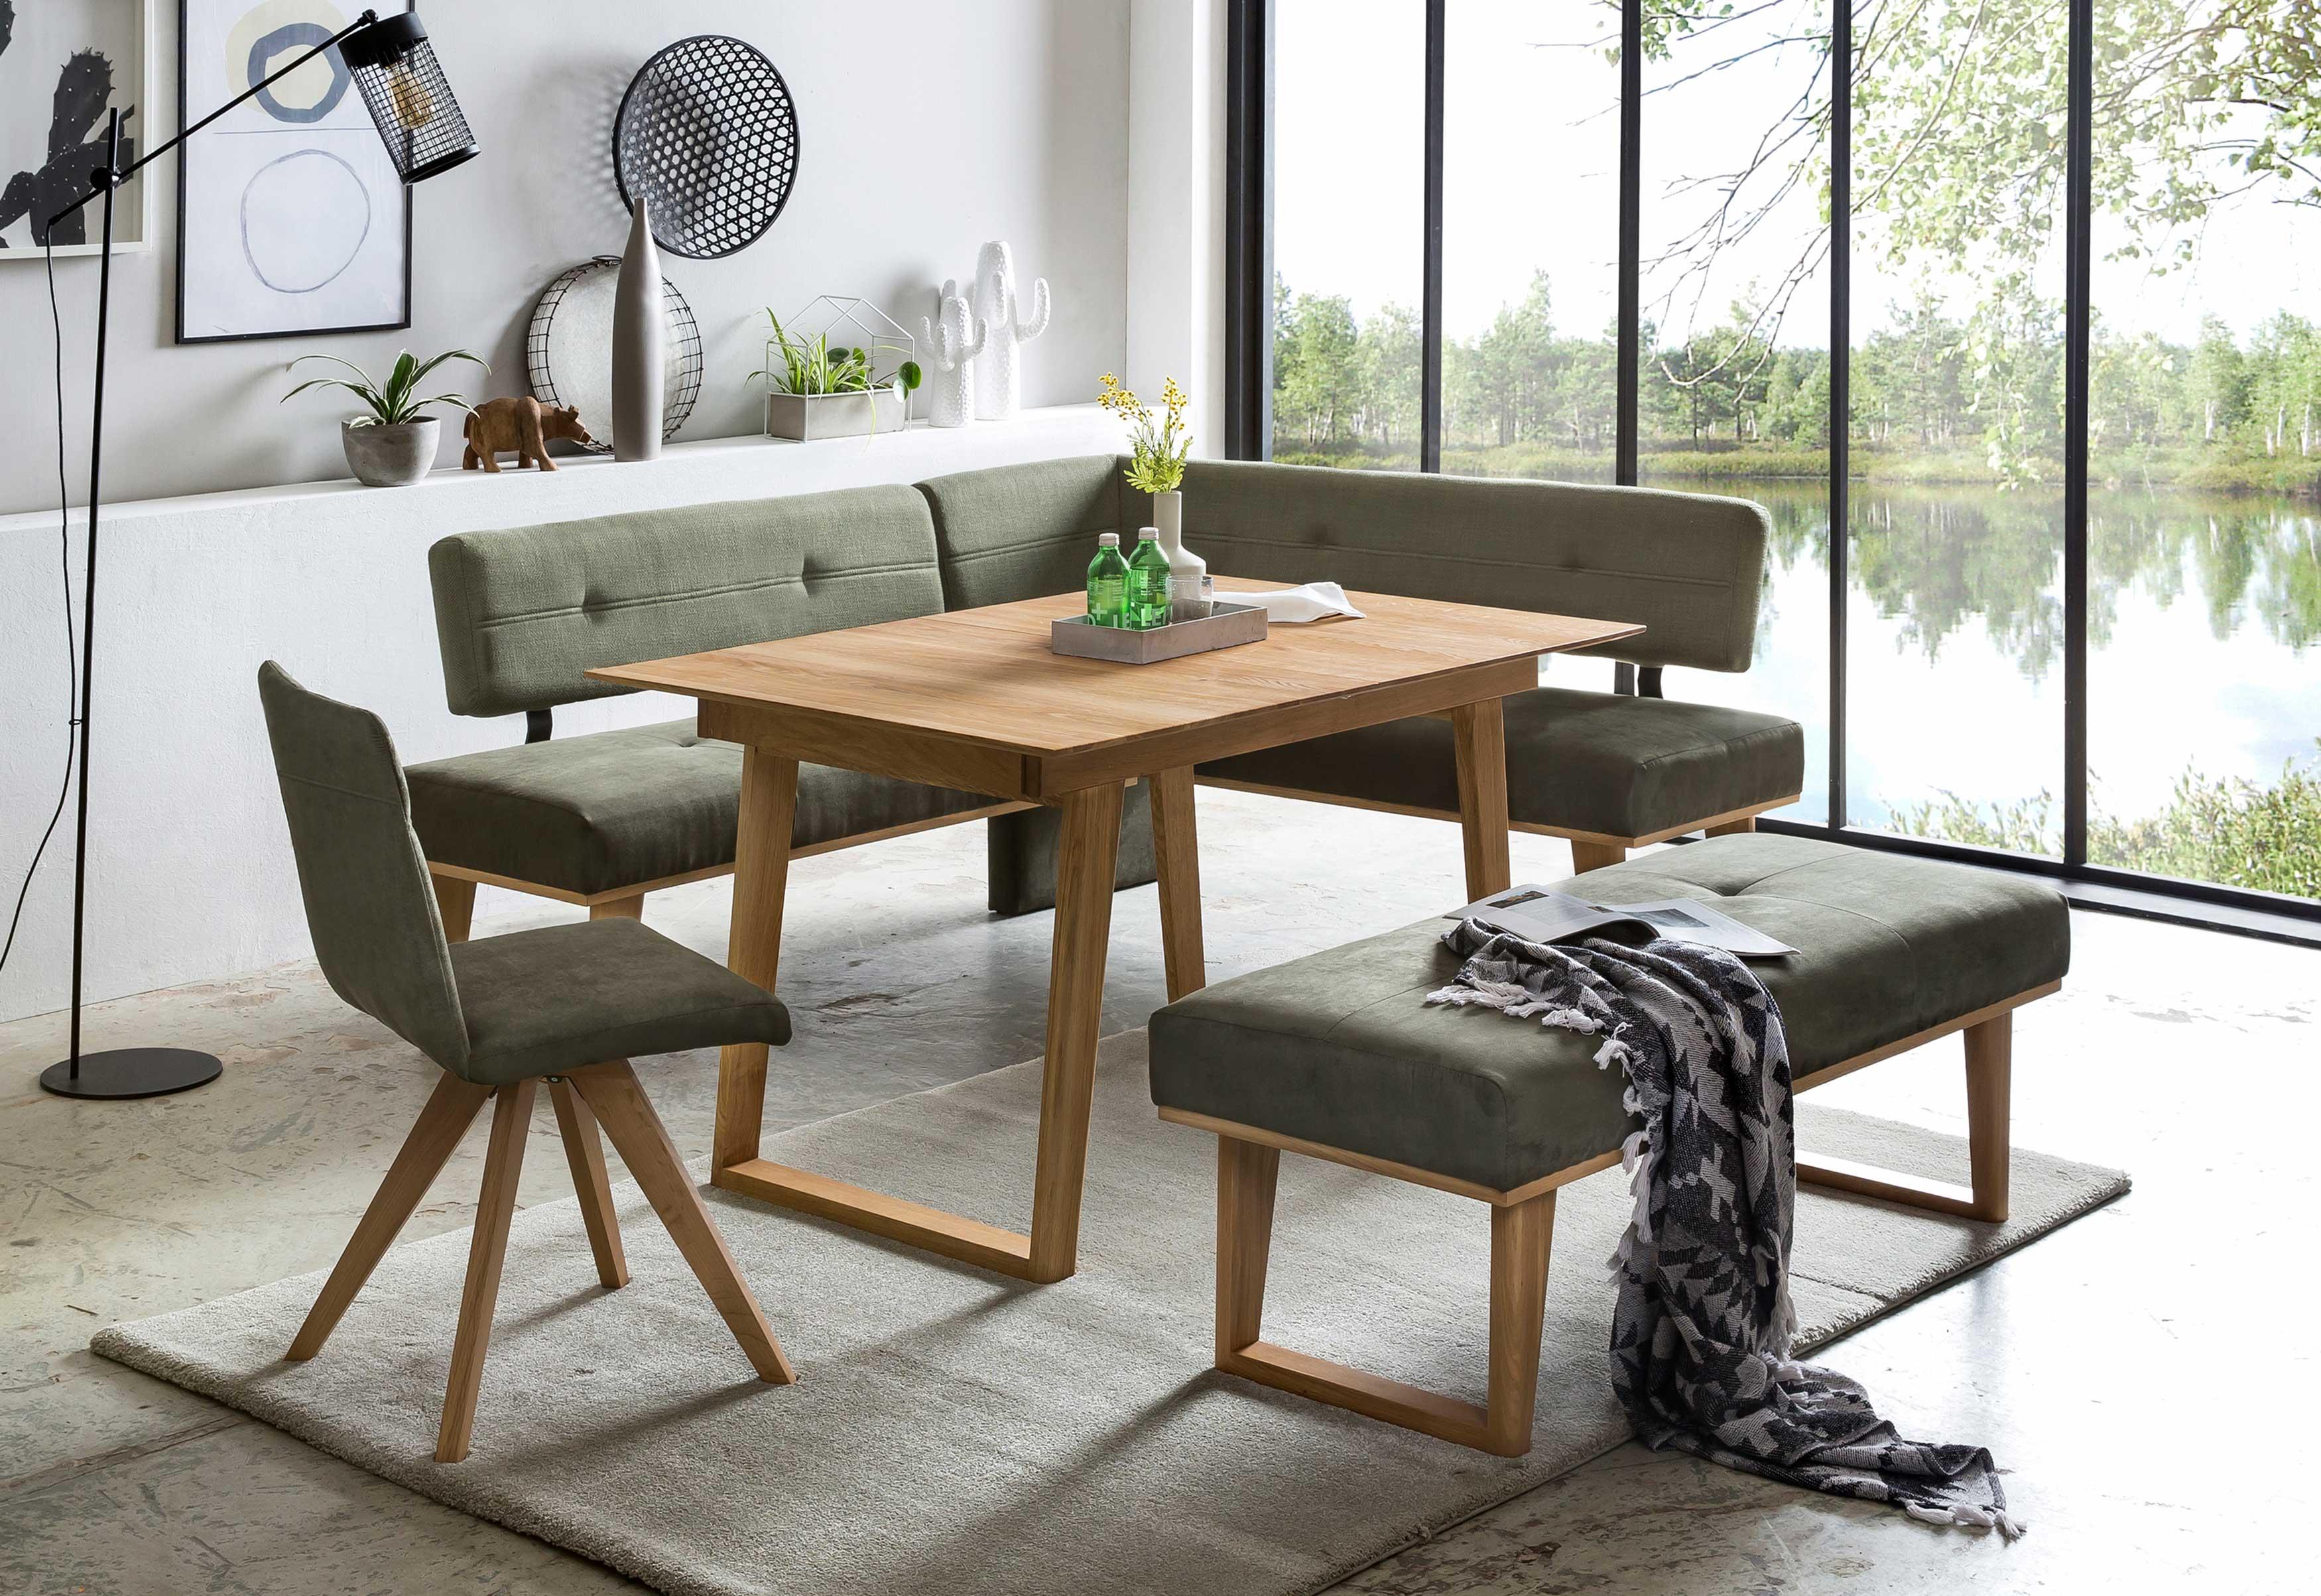 Standard Furniture Eckbankgruppe eiche mit Eckbank Colmar und Tisch Rouen